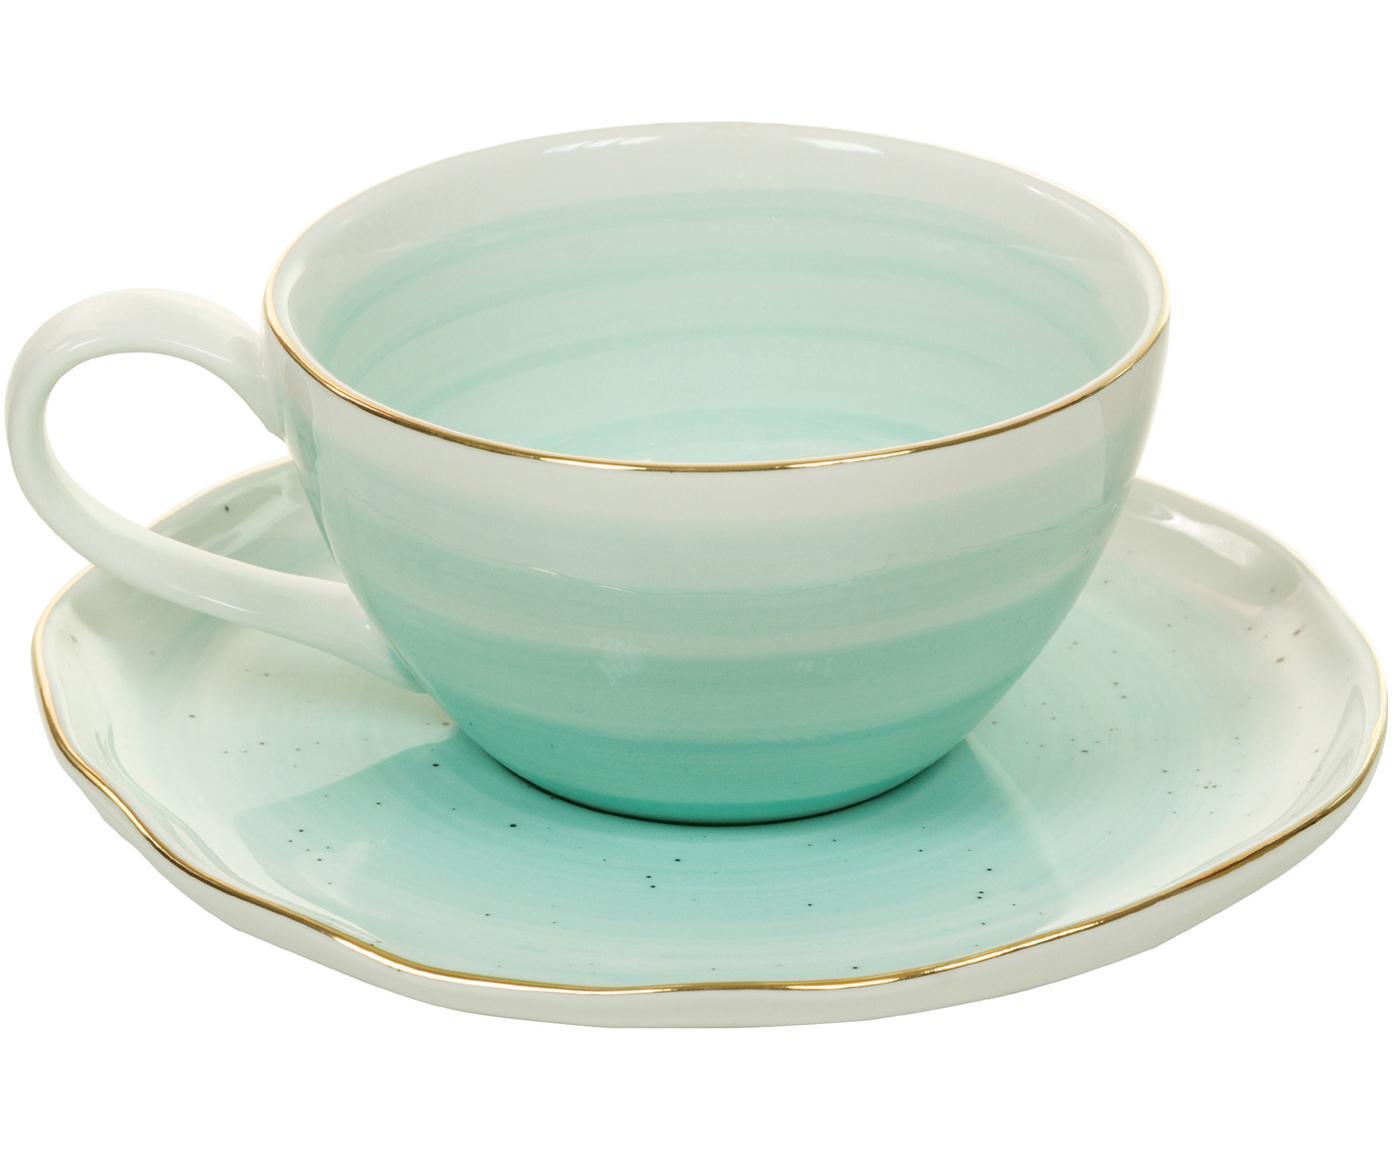 Set tazze fatto a mano Bol, 4 pz., Porcellana, Blu turchese, Ø 10 x Alt. 6 cm